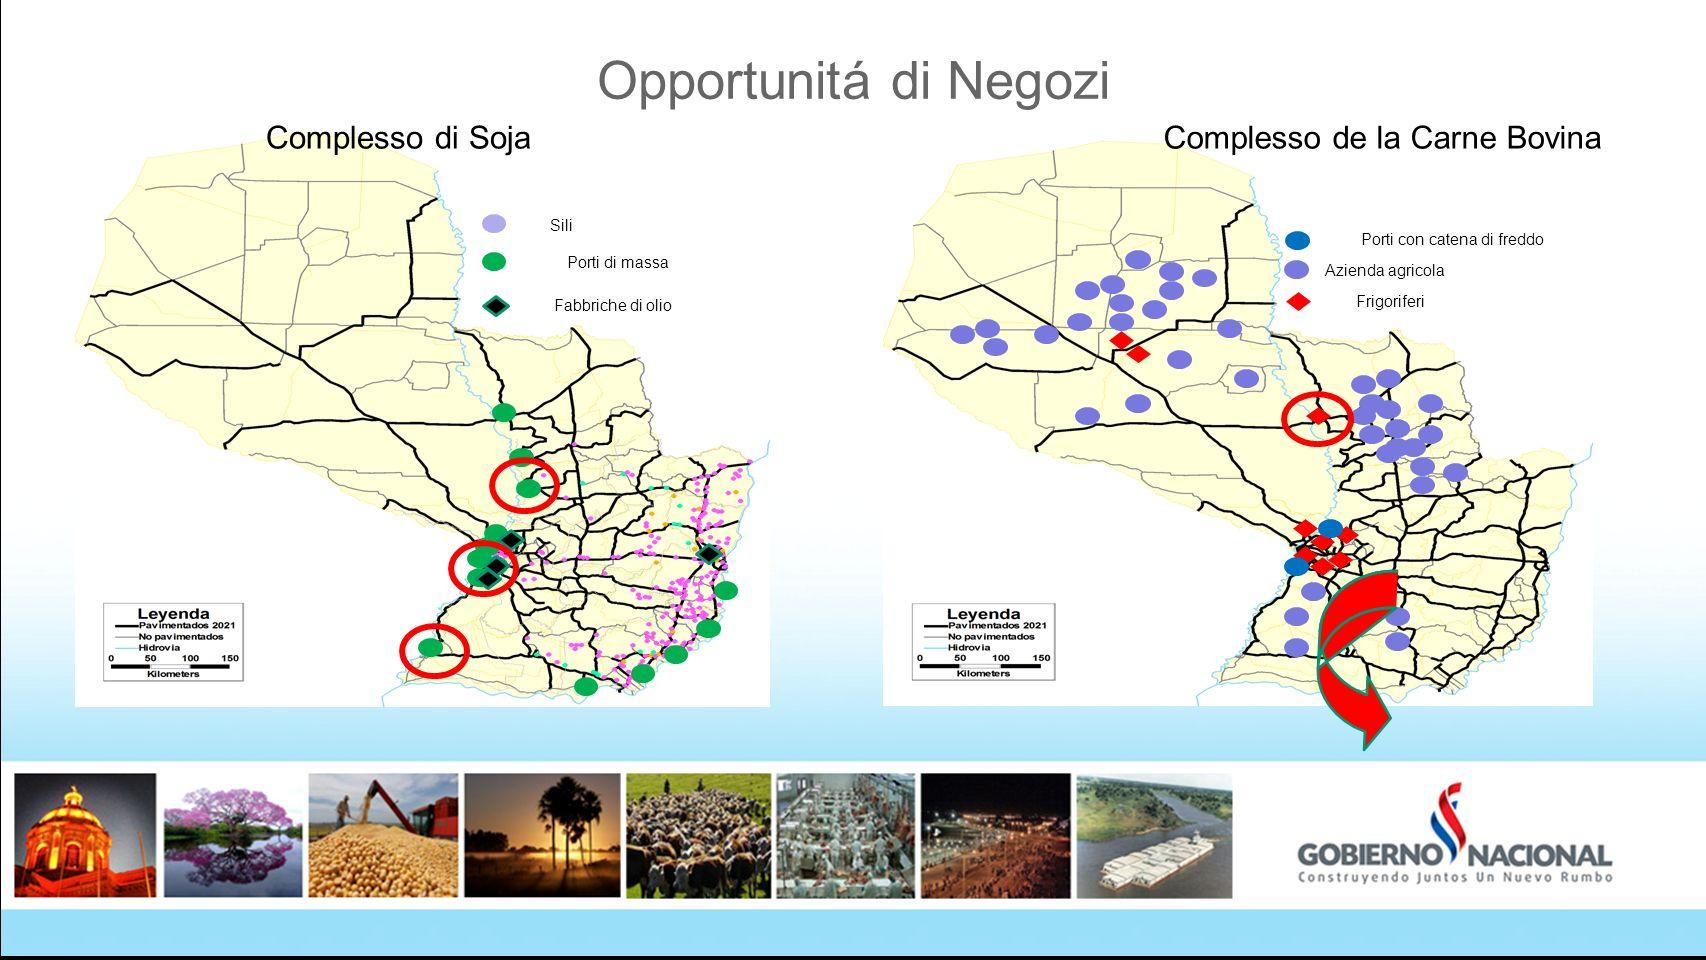 Opportunitá di Negozi Porti di massa Sili Fabbriche di olio Azienda agricola Frigoriferi Porti con catena di freddo Complesso de la Carne BovinaComple